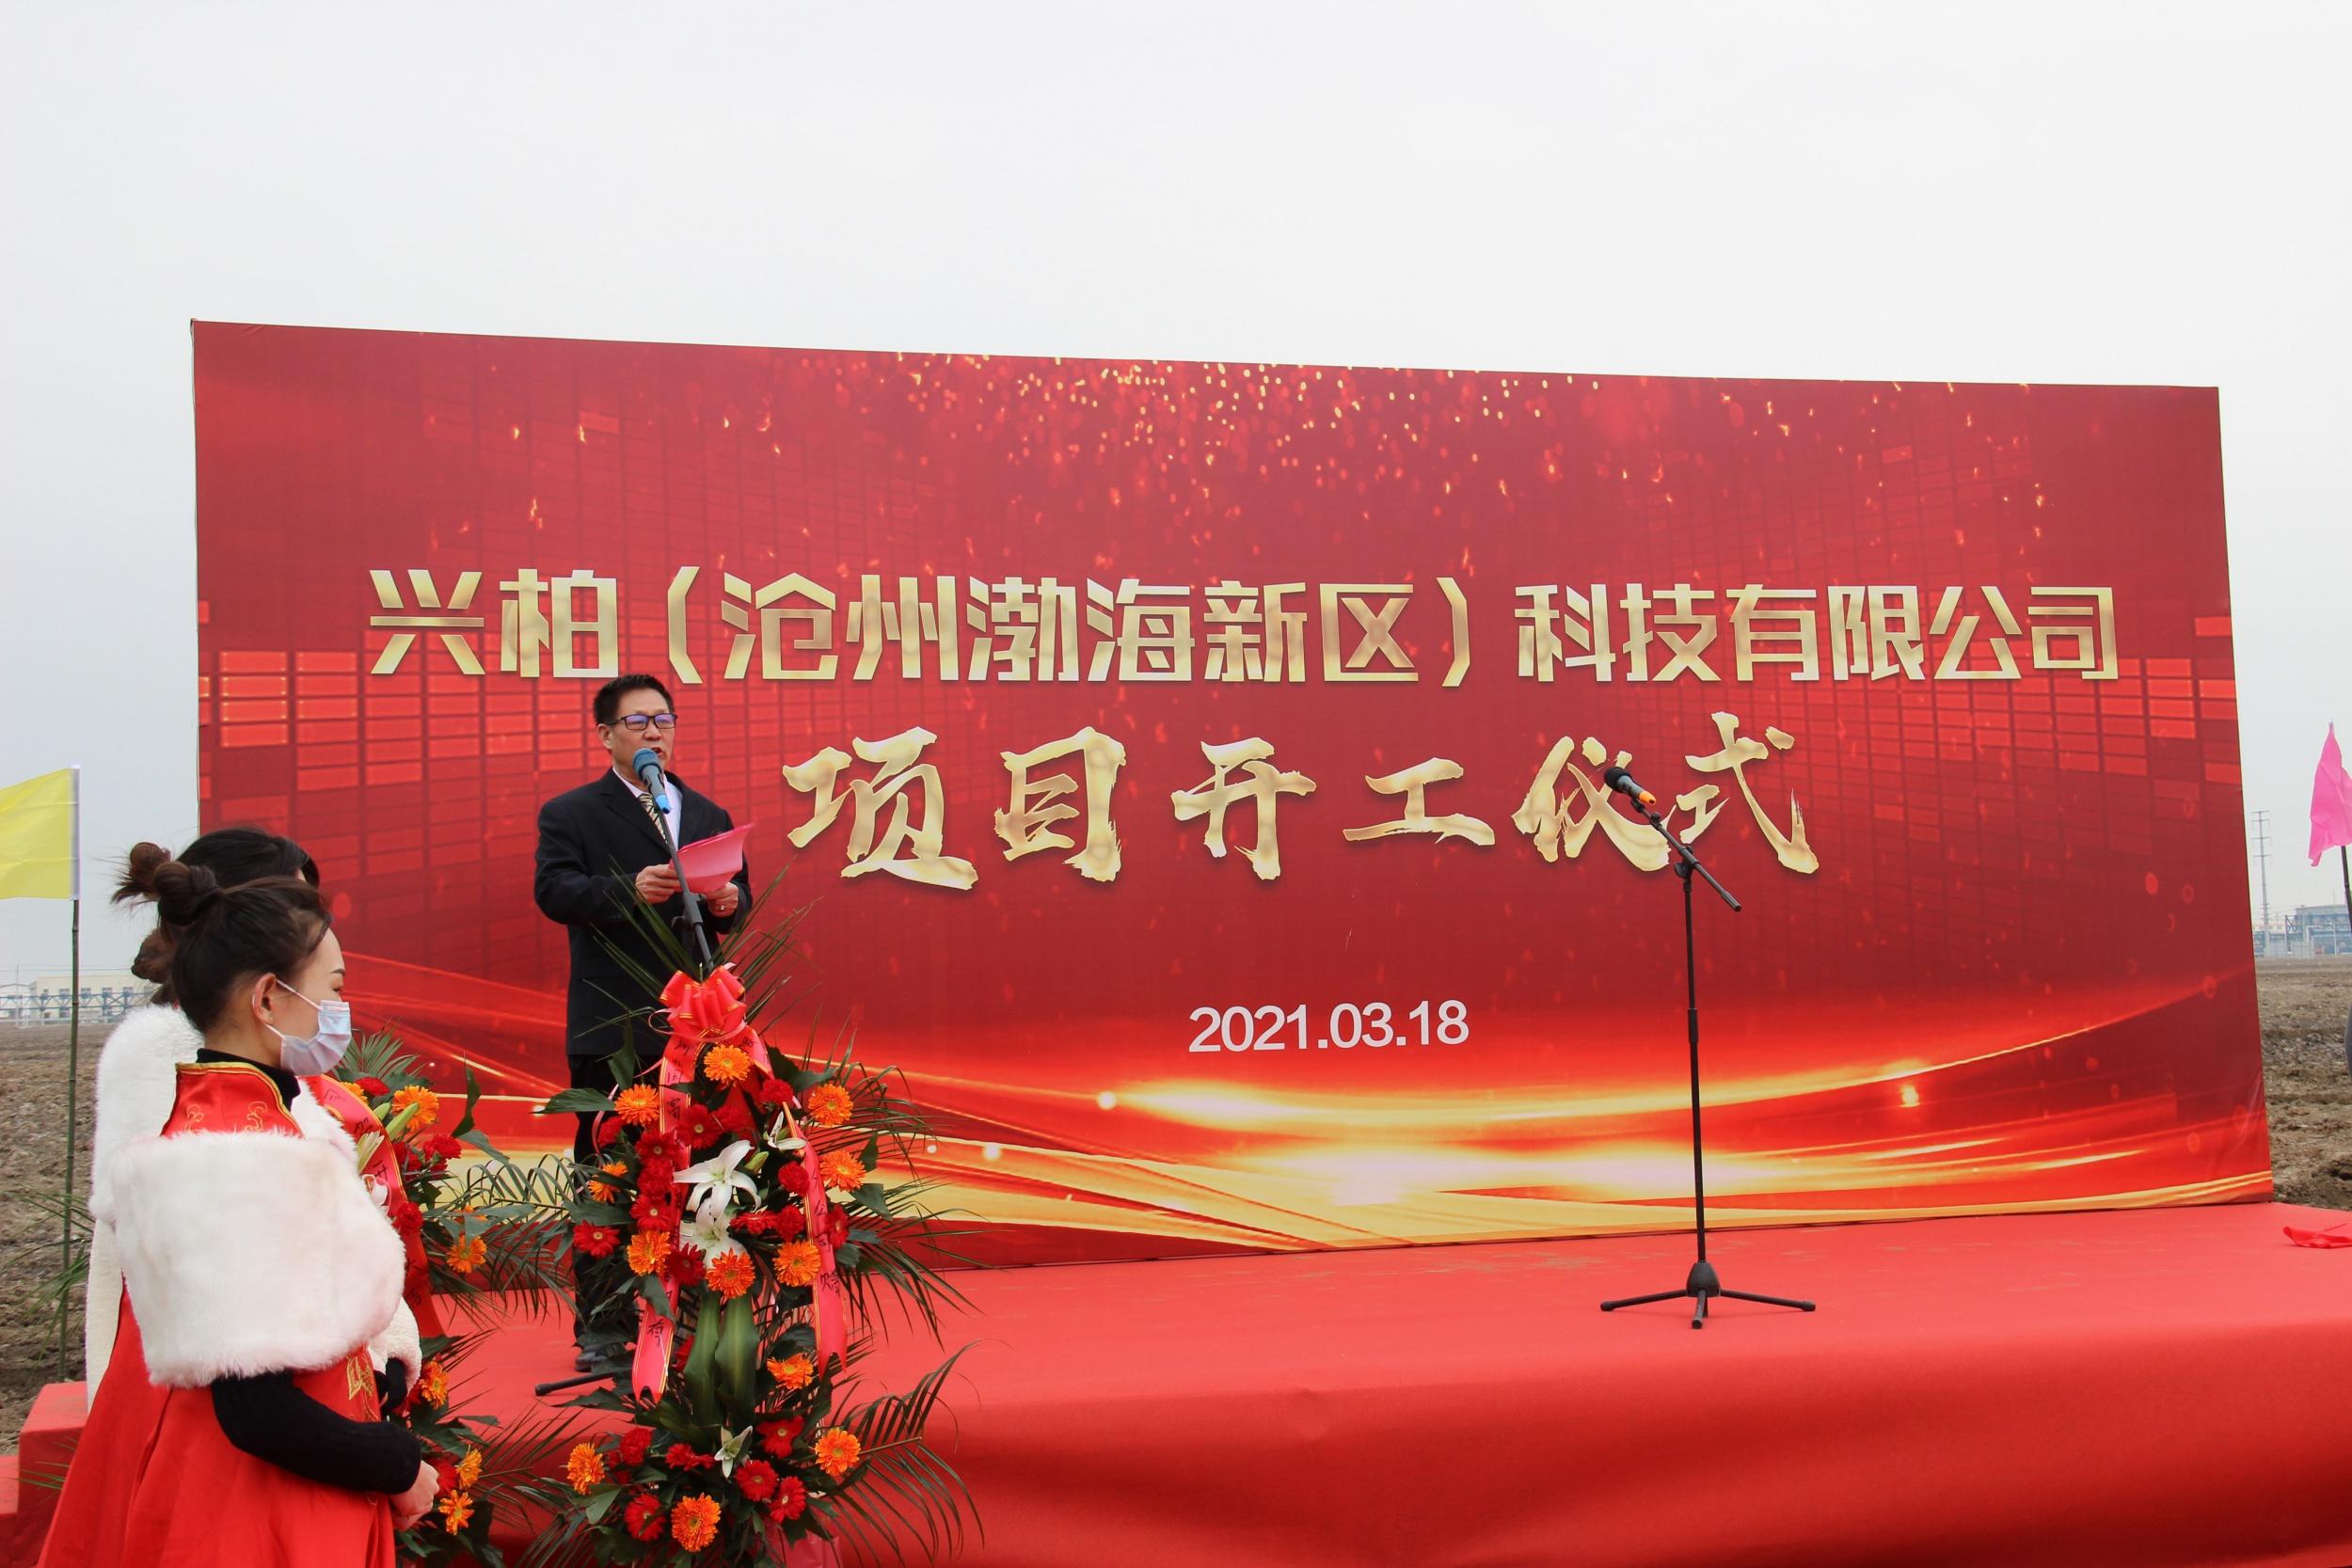 兴柏(沧州渤海新区)科技有限公司 11600吨农药原药及制剂项目 奠基仪式隆重举行